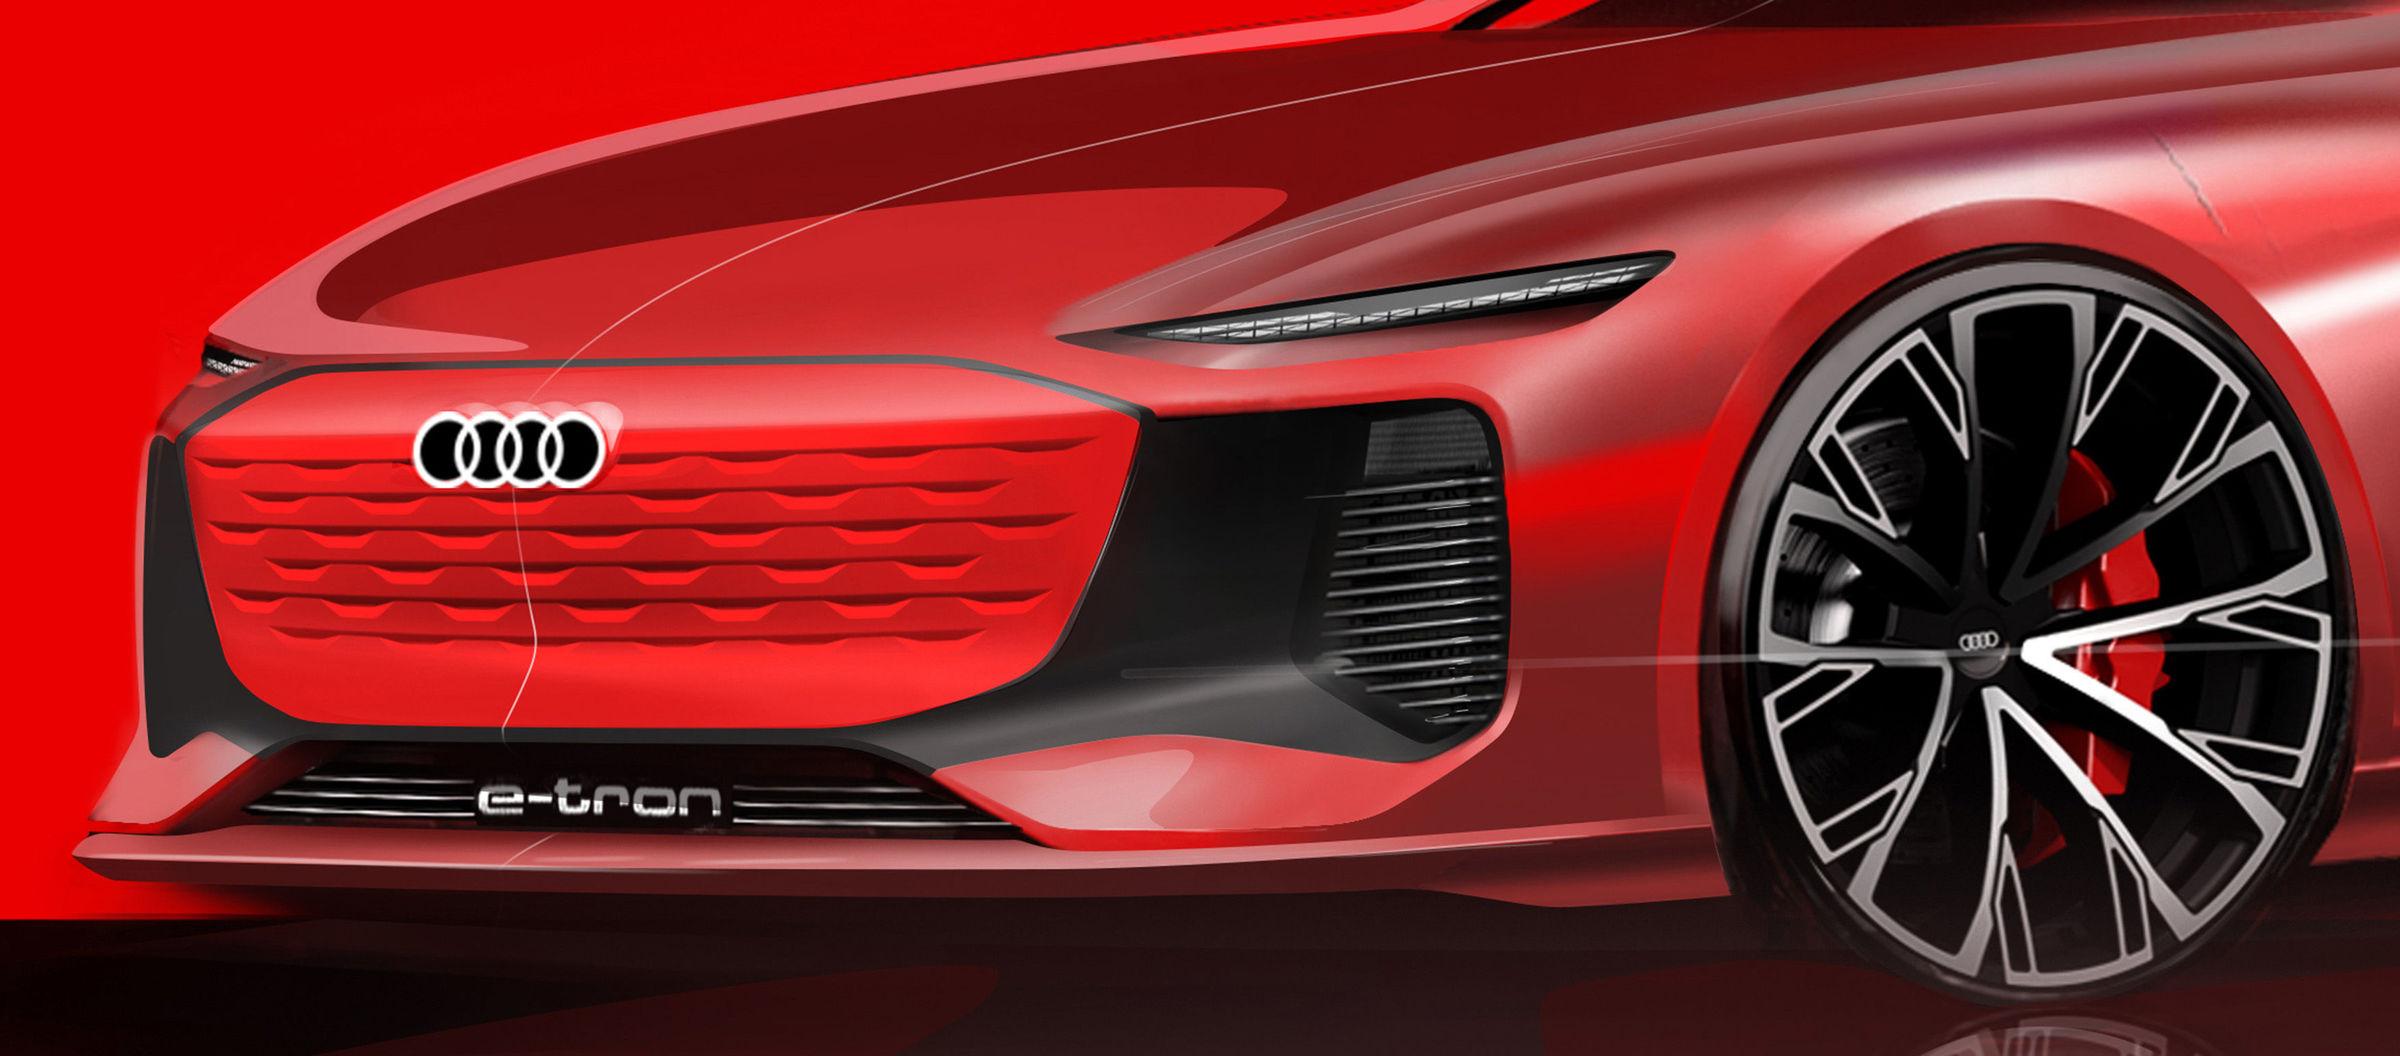 Audi Weltpremiere auf der Auto Shanghai am 19. April